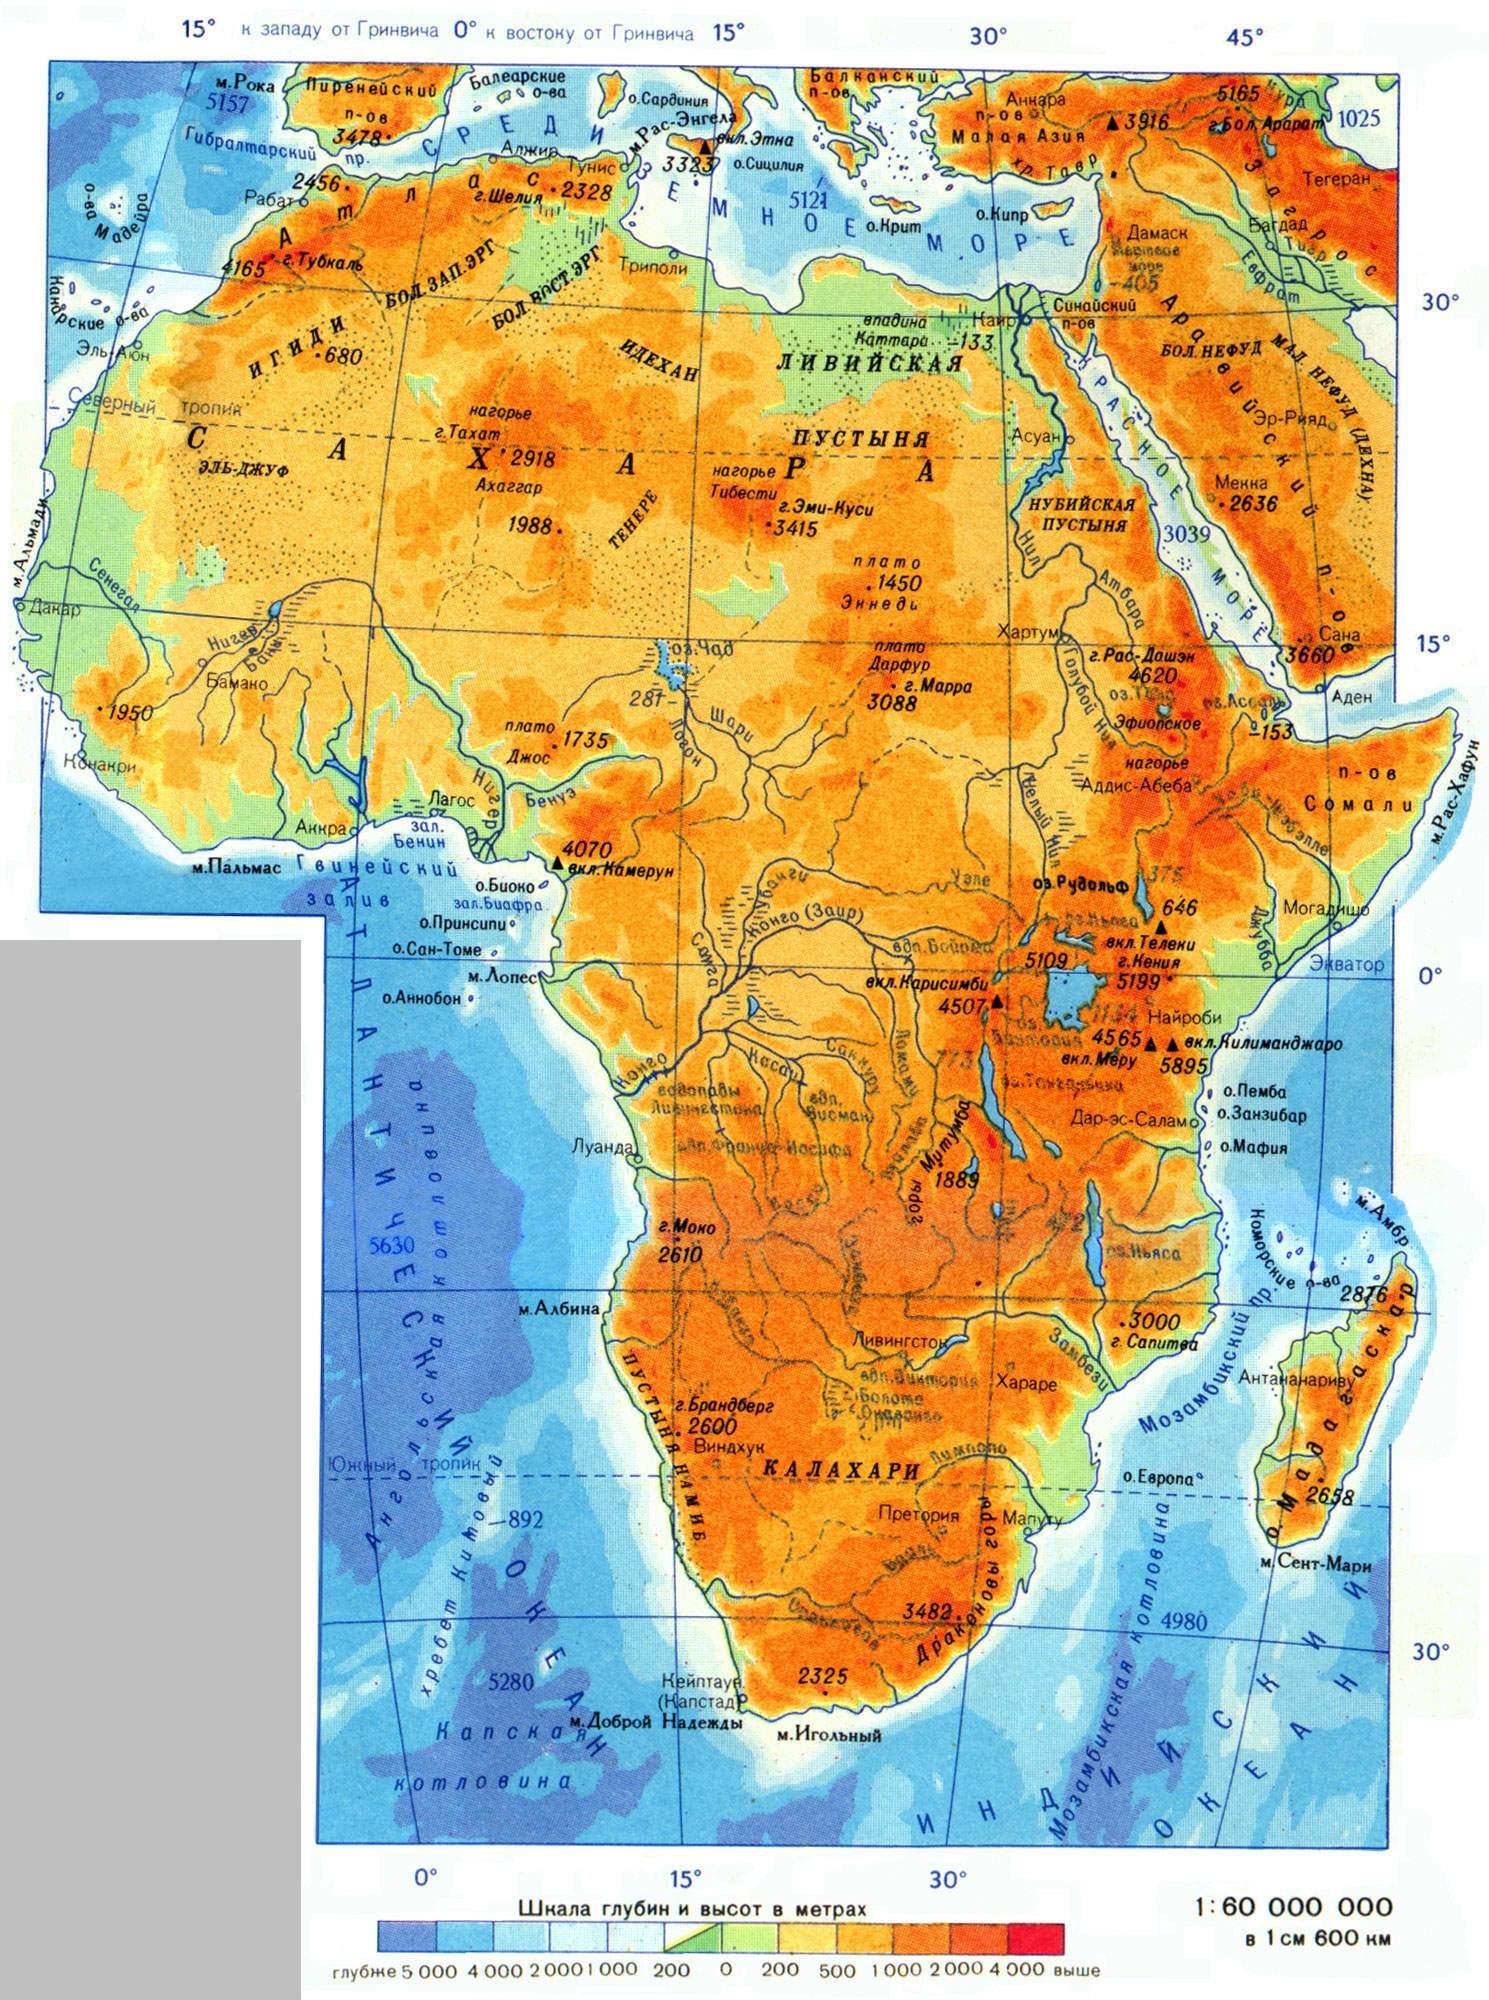 Geograficheskaya Fizicheskaya I Politicheskaya Karta Afriki Na Russkom